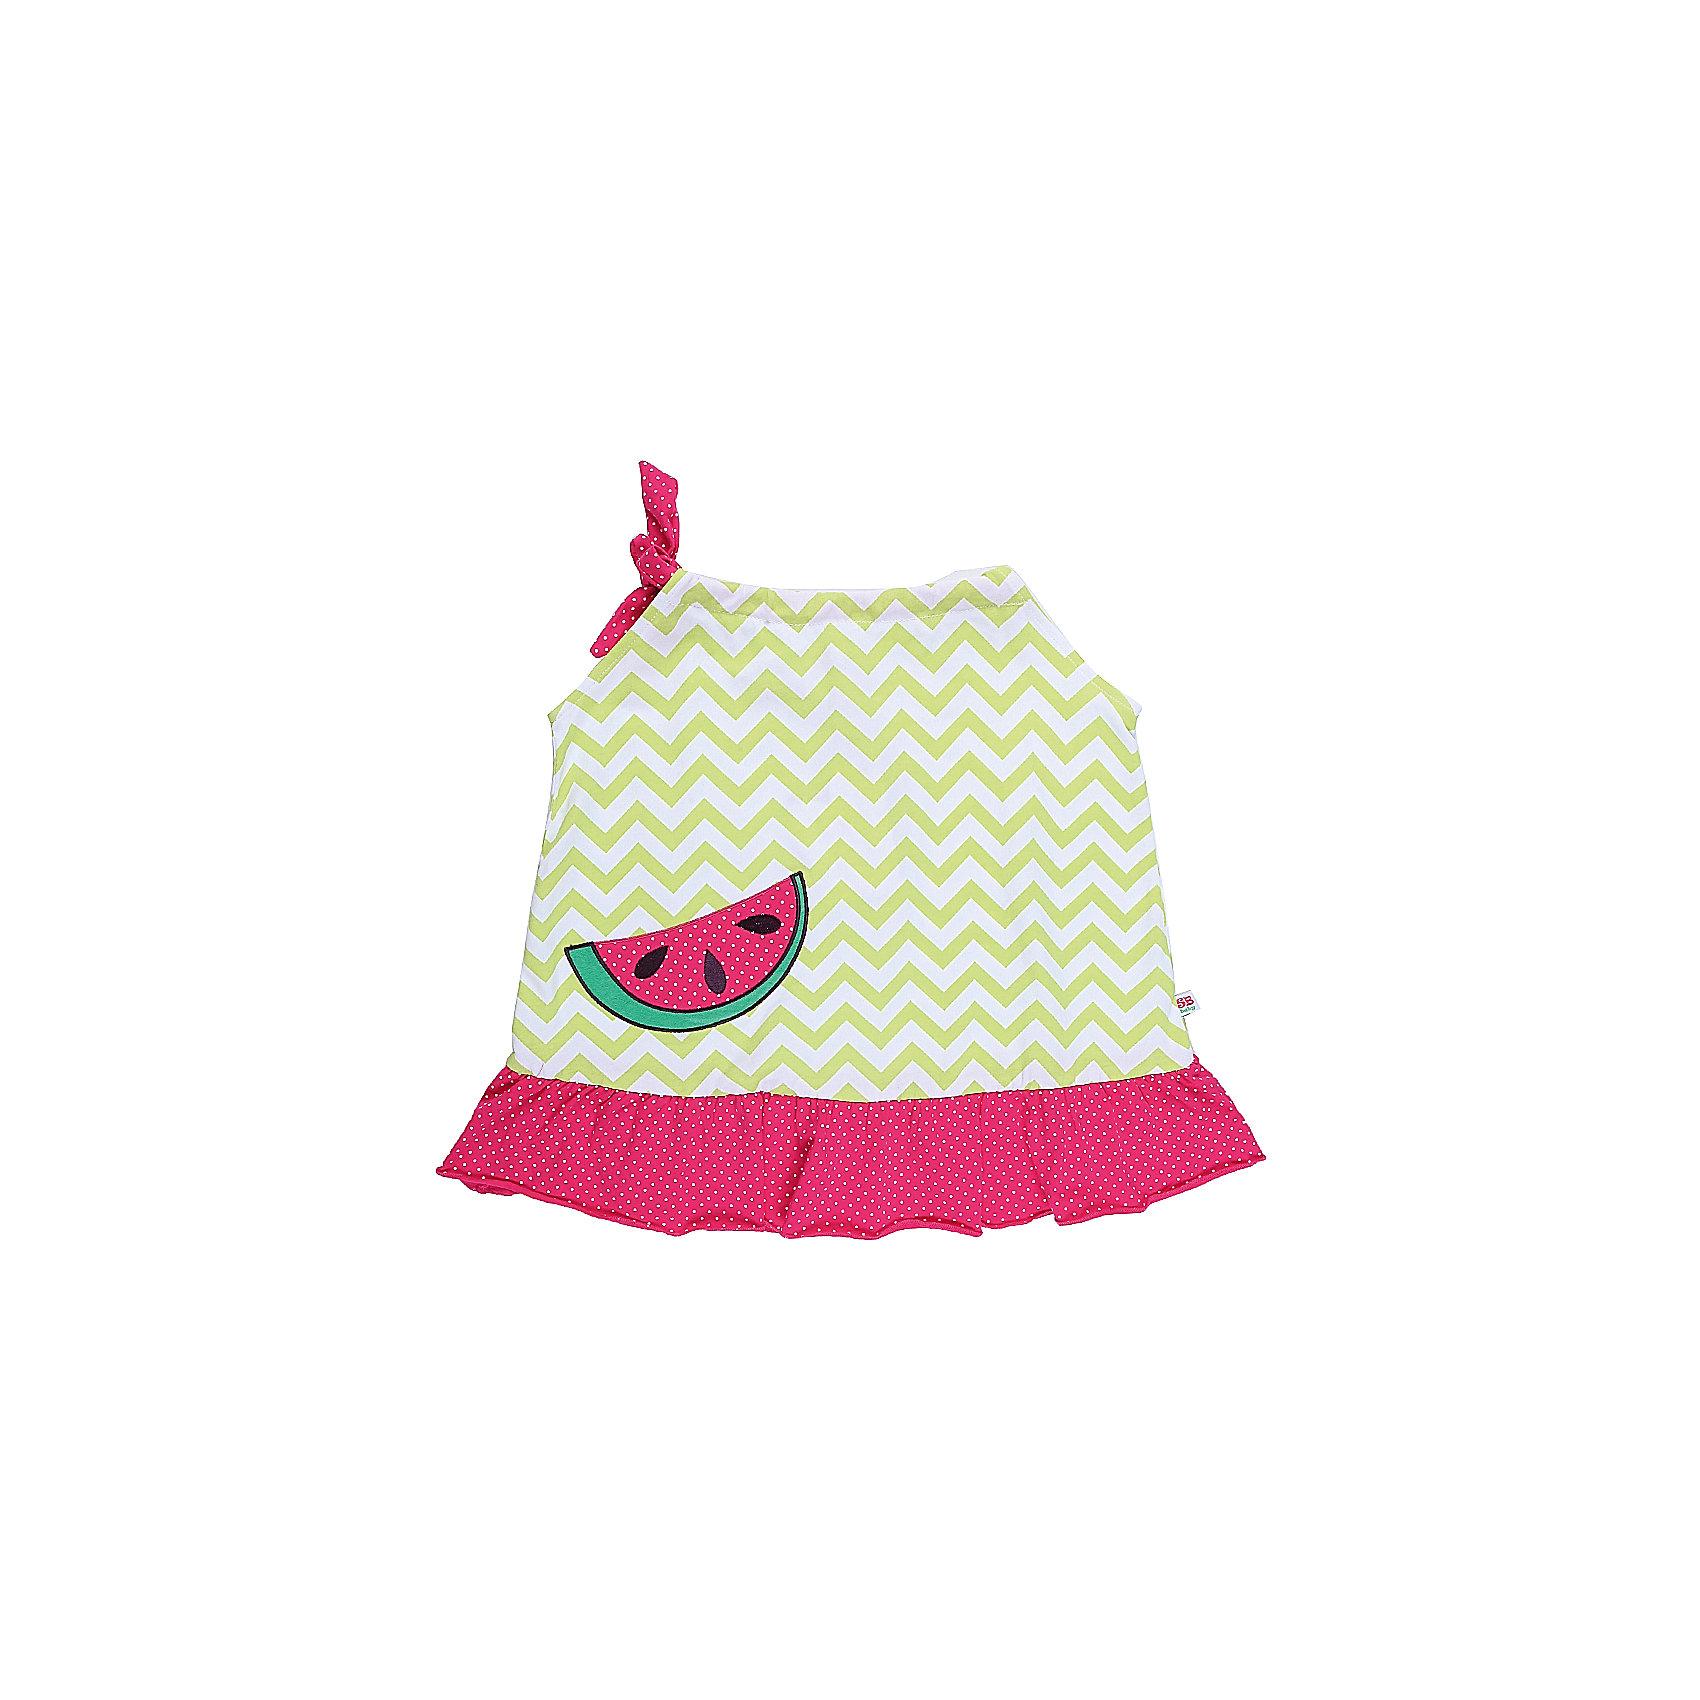 Платье для девочки Sweet BerryПлатья<br>Оригинальный сарафан для девочки из хлопковой ткани с яркой вышивкой и воланом по низу изделия.<br>Состав:<br>95%хлопок 5%эластан<br><br>Ширина мм: 236<br>Глубина мм: 16<br>Высота мм: 184<br>Вес г: 177<br>Цвет: разноцветный<br>Возраст от месяцев: 12<br>Возраст до месяцев: 15<br>Пол: Женский<br>Возраст: Детский<br>Размер: 80,86,92,98<br>SKU: 5411377